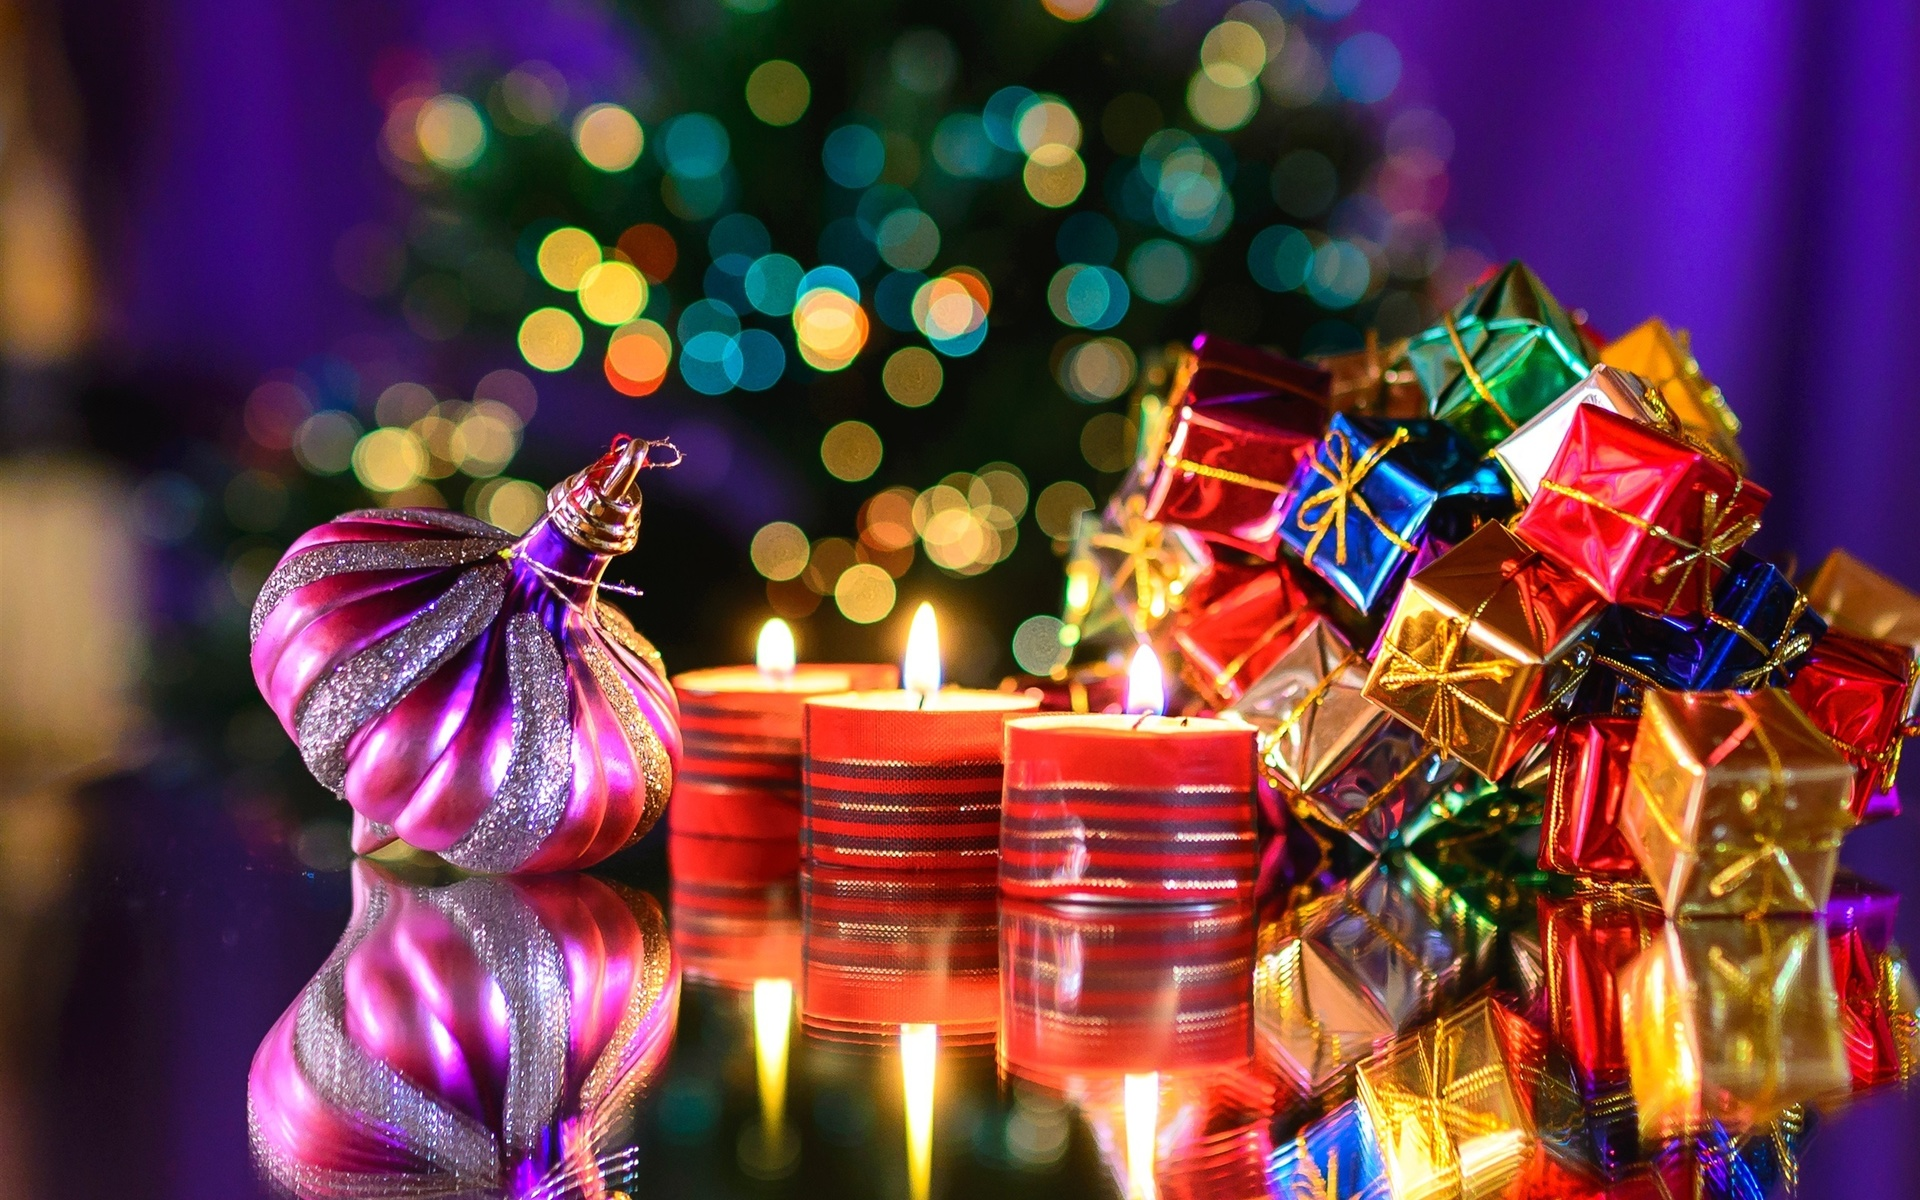 праздник, новый год, рождество, игрушки, подарки, боке, свечи, ёлка